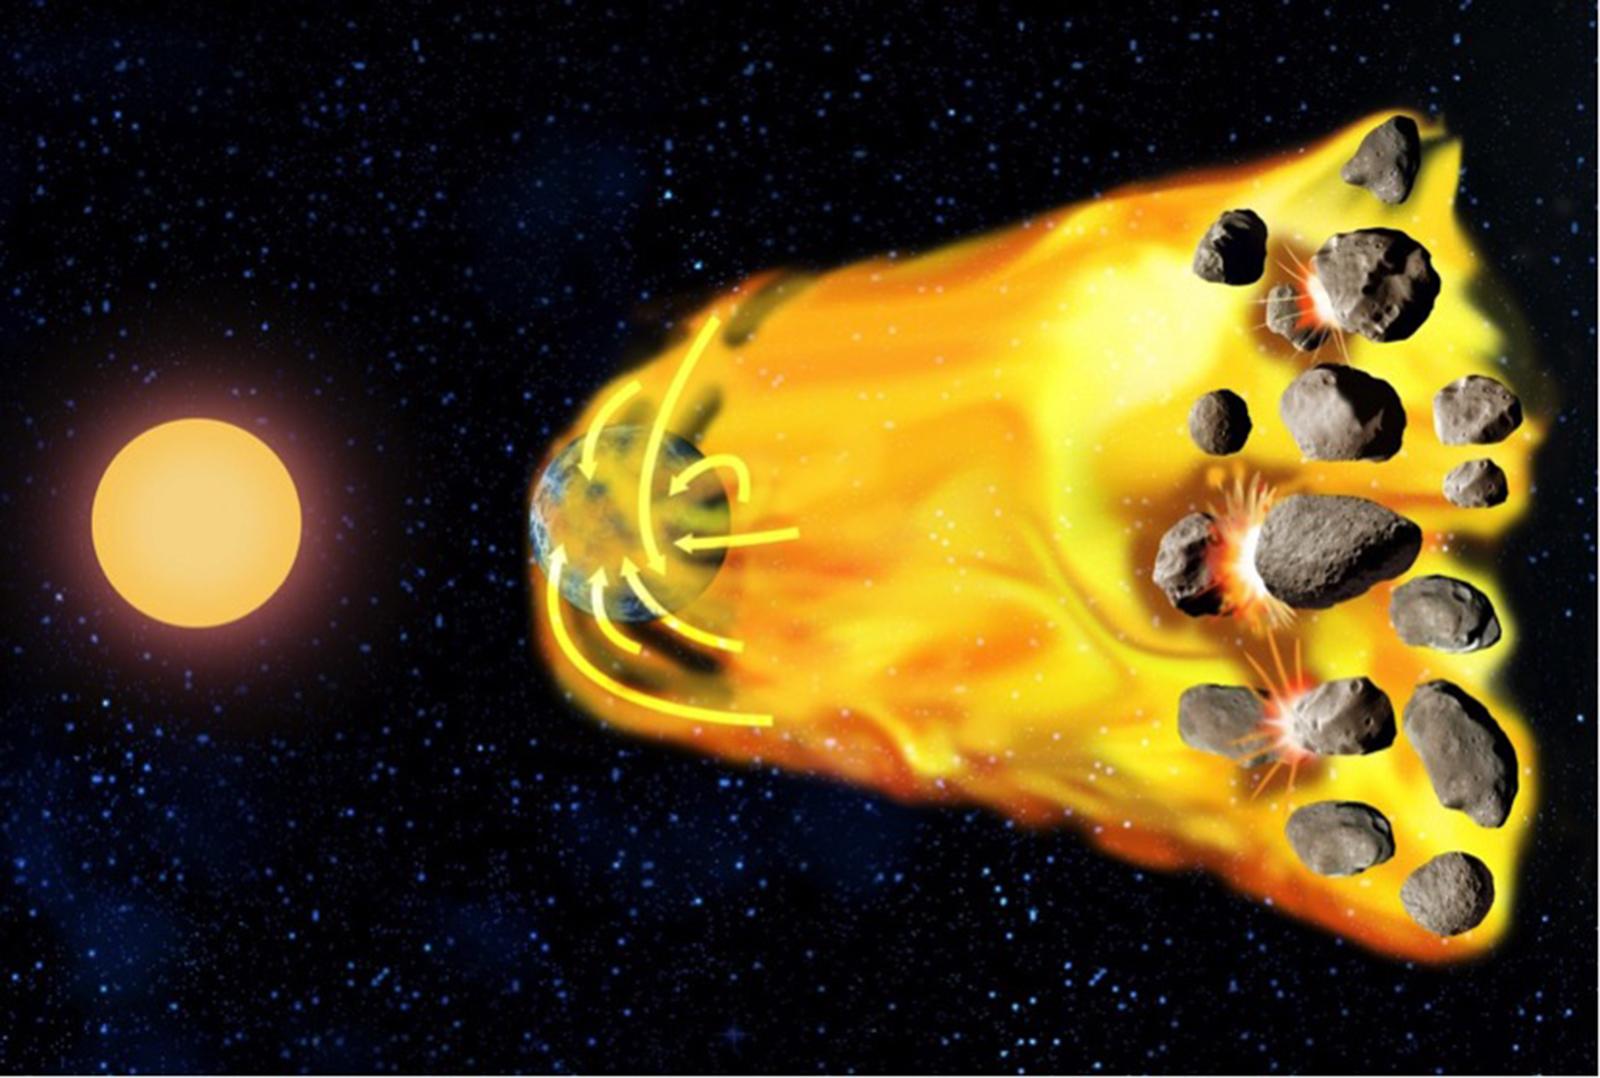 Representación artística de cómo se produce la acumulación tardía de gas en un exoplaneta: un lejano disco de planetesimales se desplaza hacia el interior del sistema hasta que es capturado por el planeta. Entonces se crea una nueva atmósfera en el exoplaneta que es propicia para la vida. © Sylvain Cnudde / Observatoire de Paris – PSL.